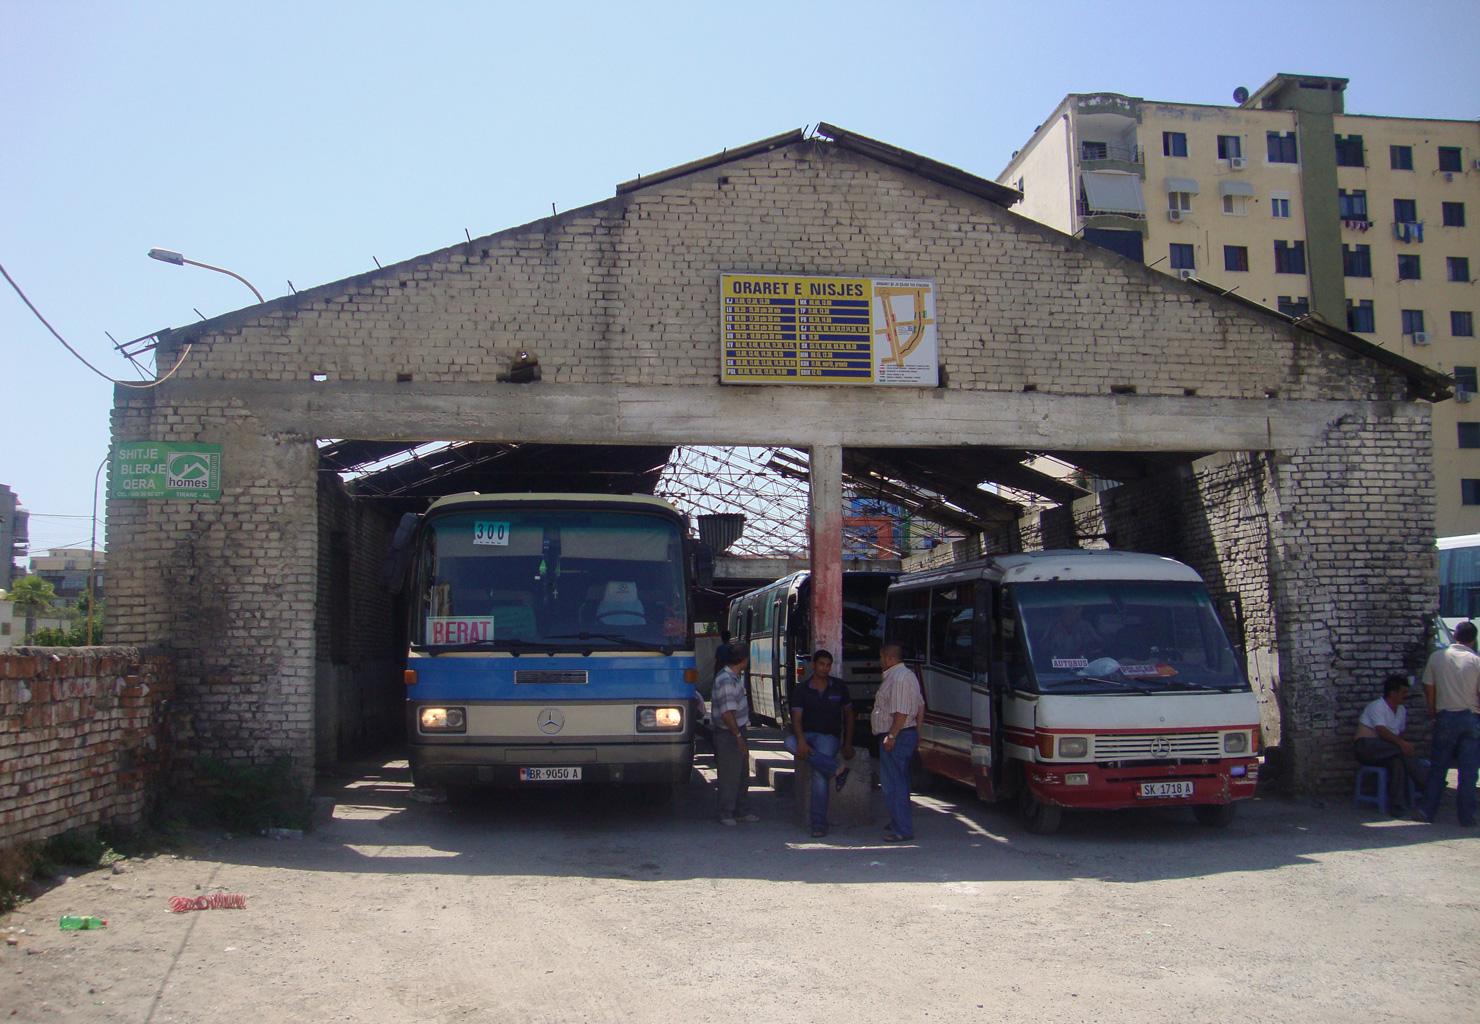 De krakbus naar het stadje Berat